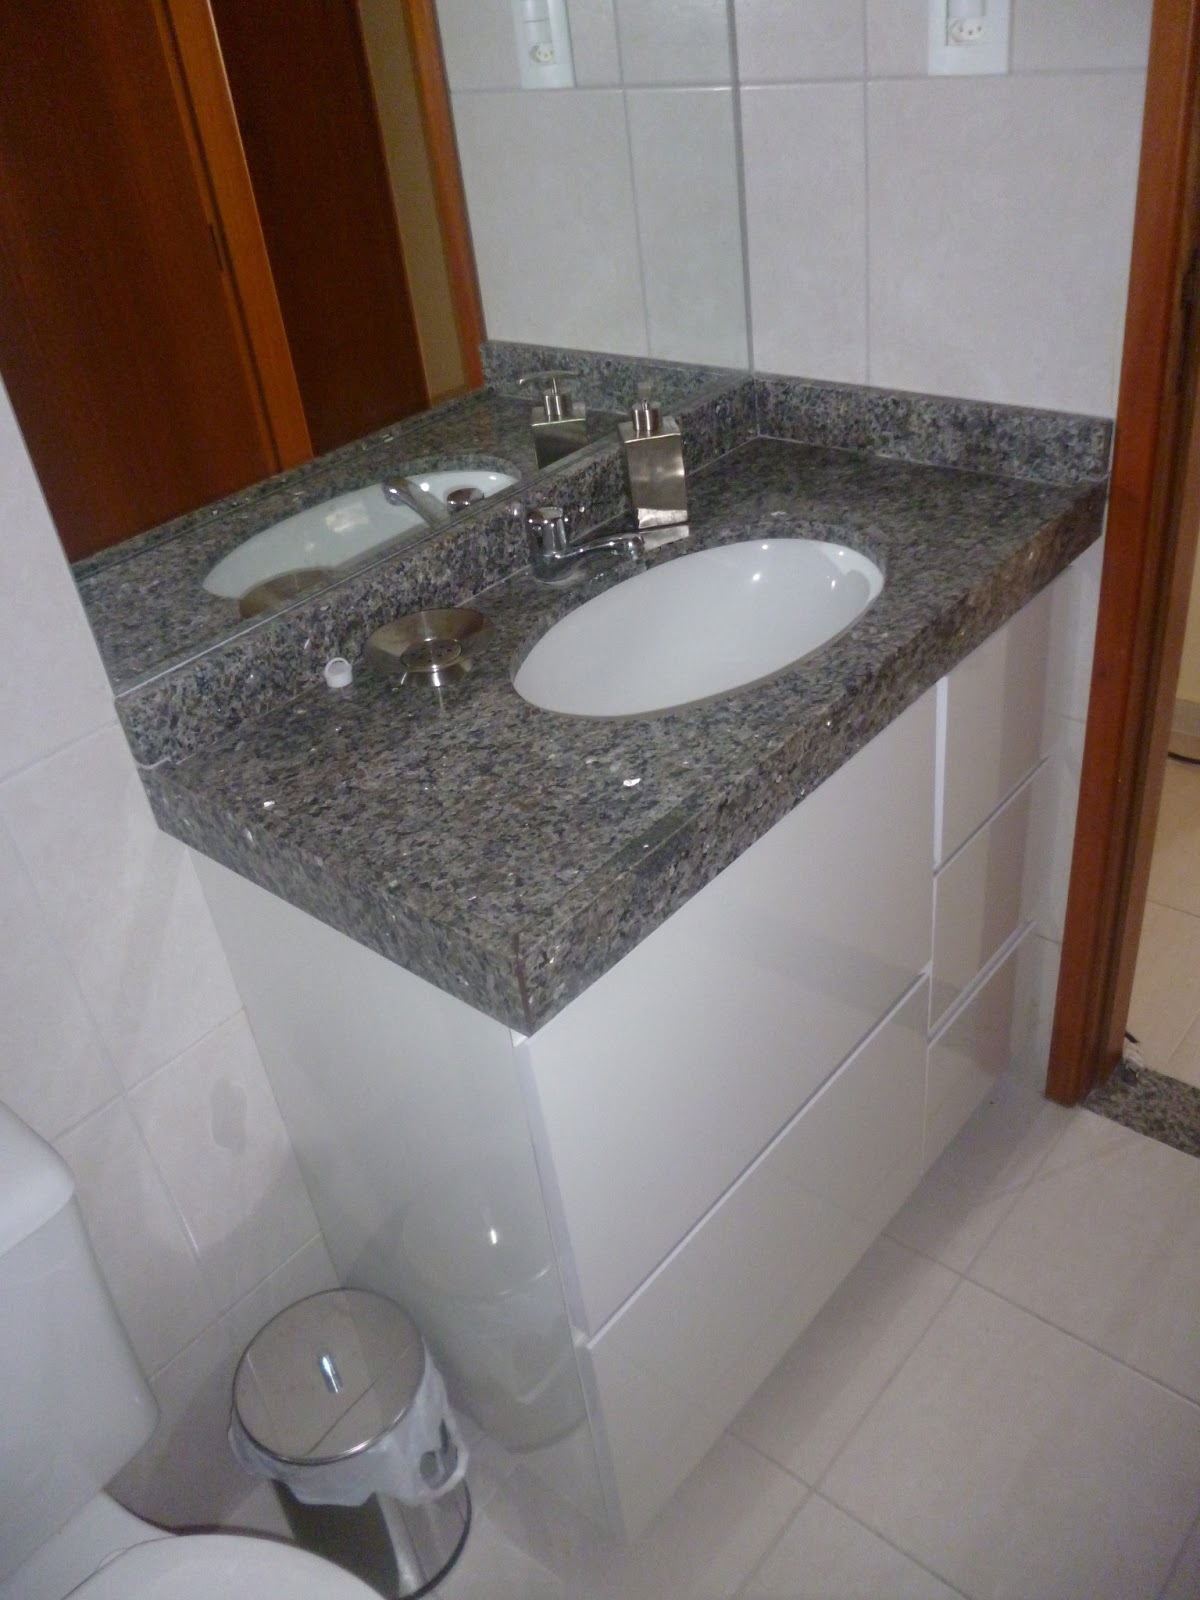 VIA ART FERRO Contato (81)988331092 E mail: via.artferro@gmail.com  #613920 1200x1600 Armario Banheiro Granito